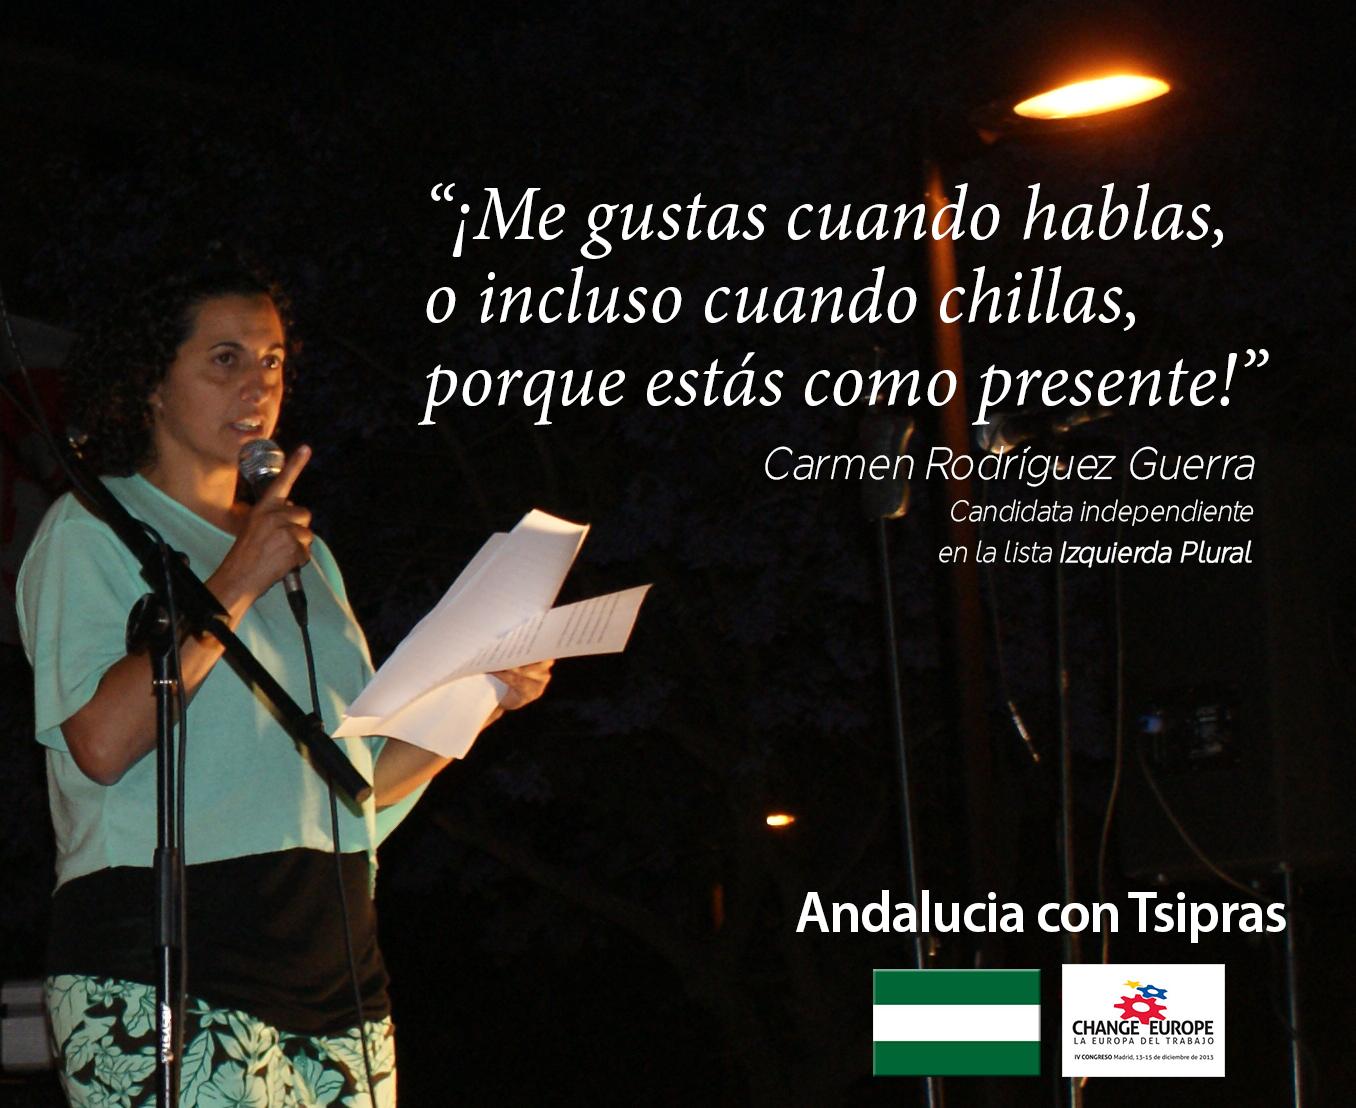 Carmen Rodriguez Guerra discurso